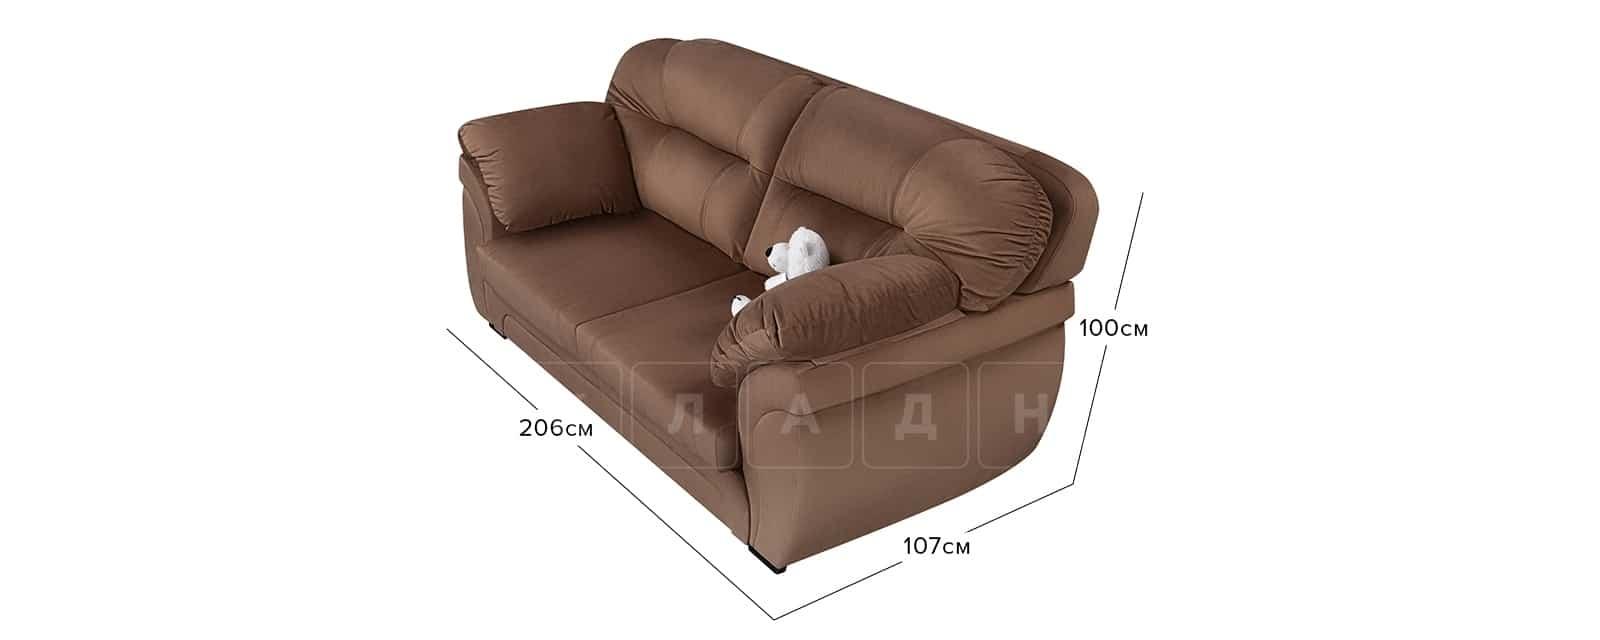 Диван Бристоль велюр коричневый фото 9 | интернет-магазин Складно